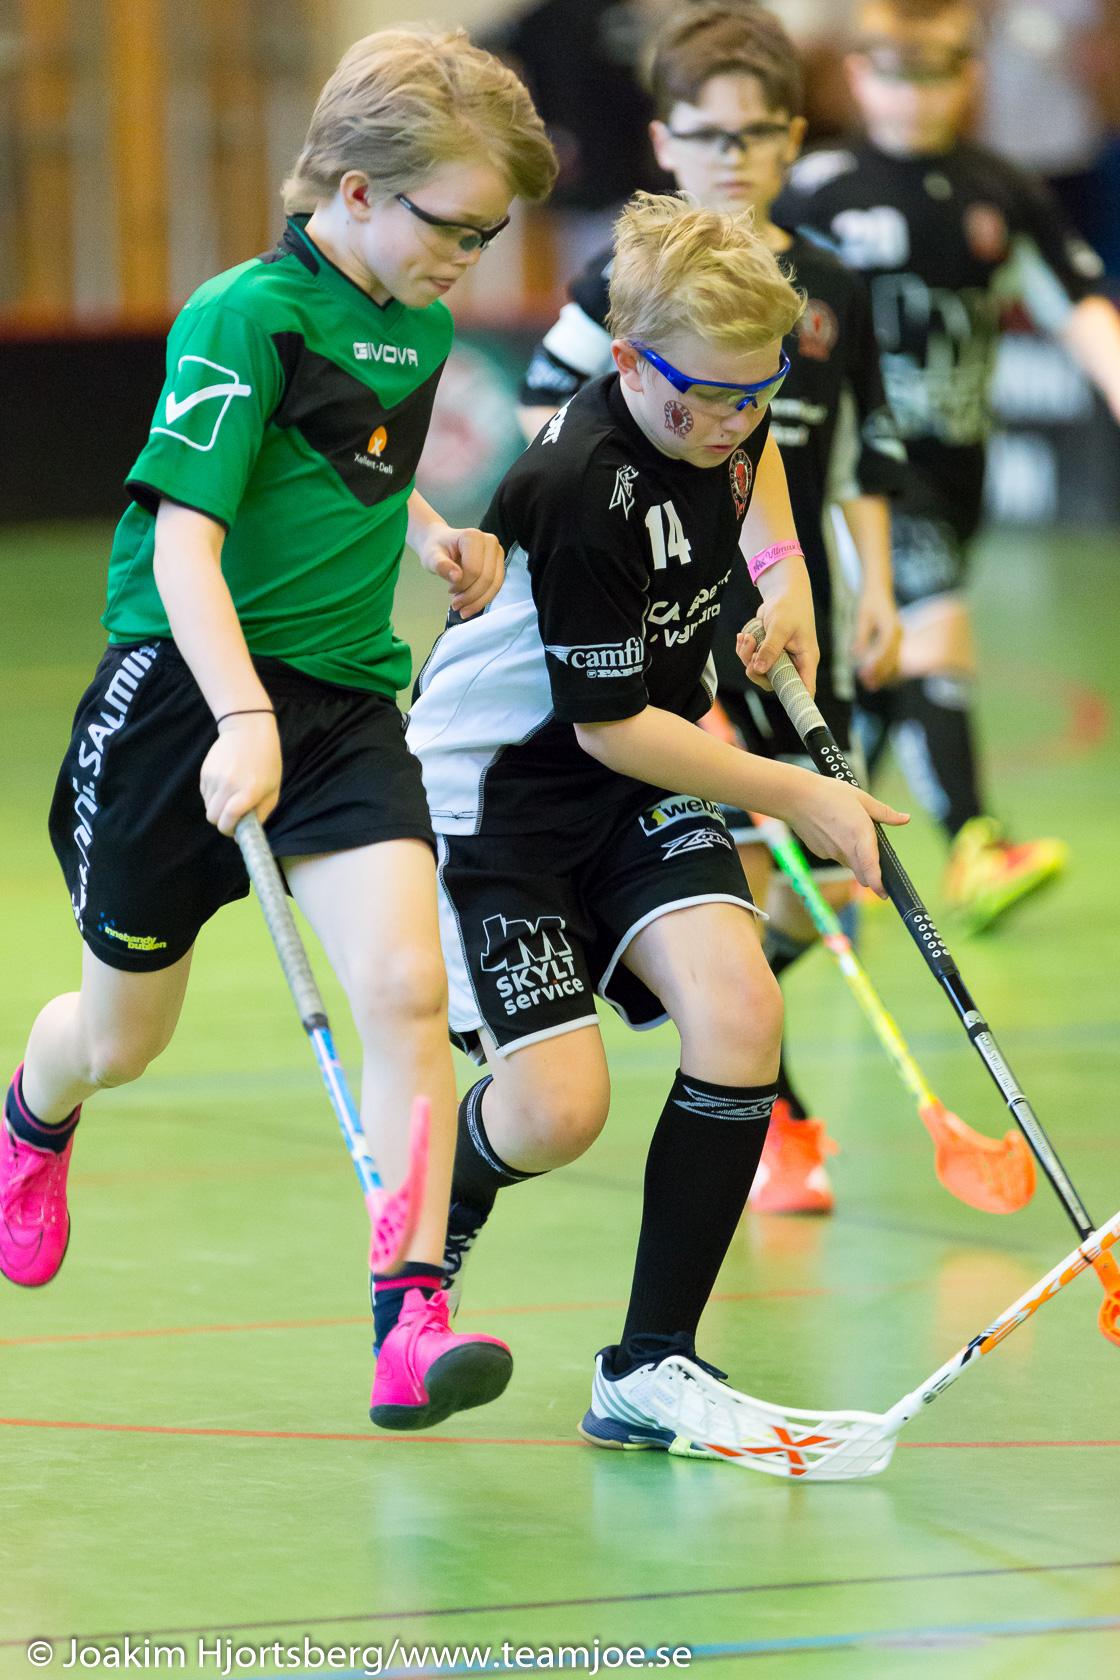 20160409_1701-7 Örebrocupen